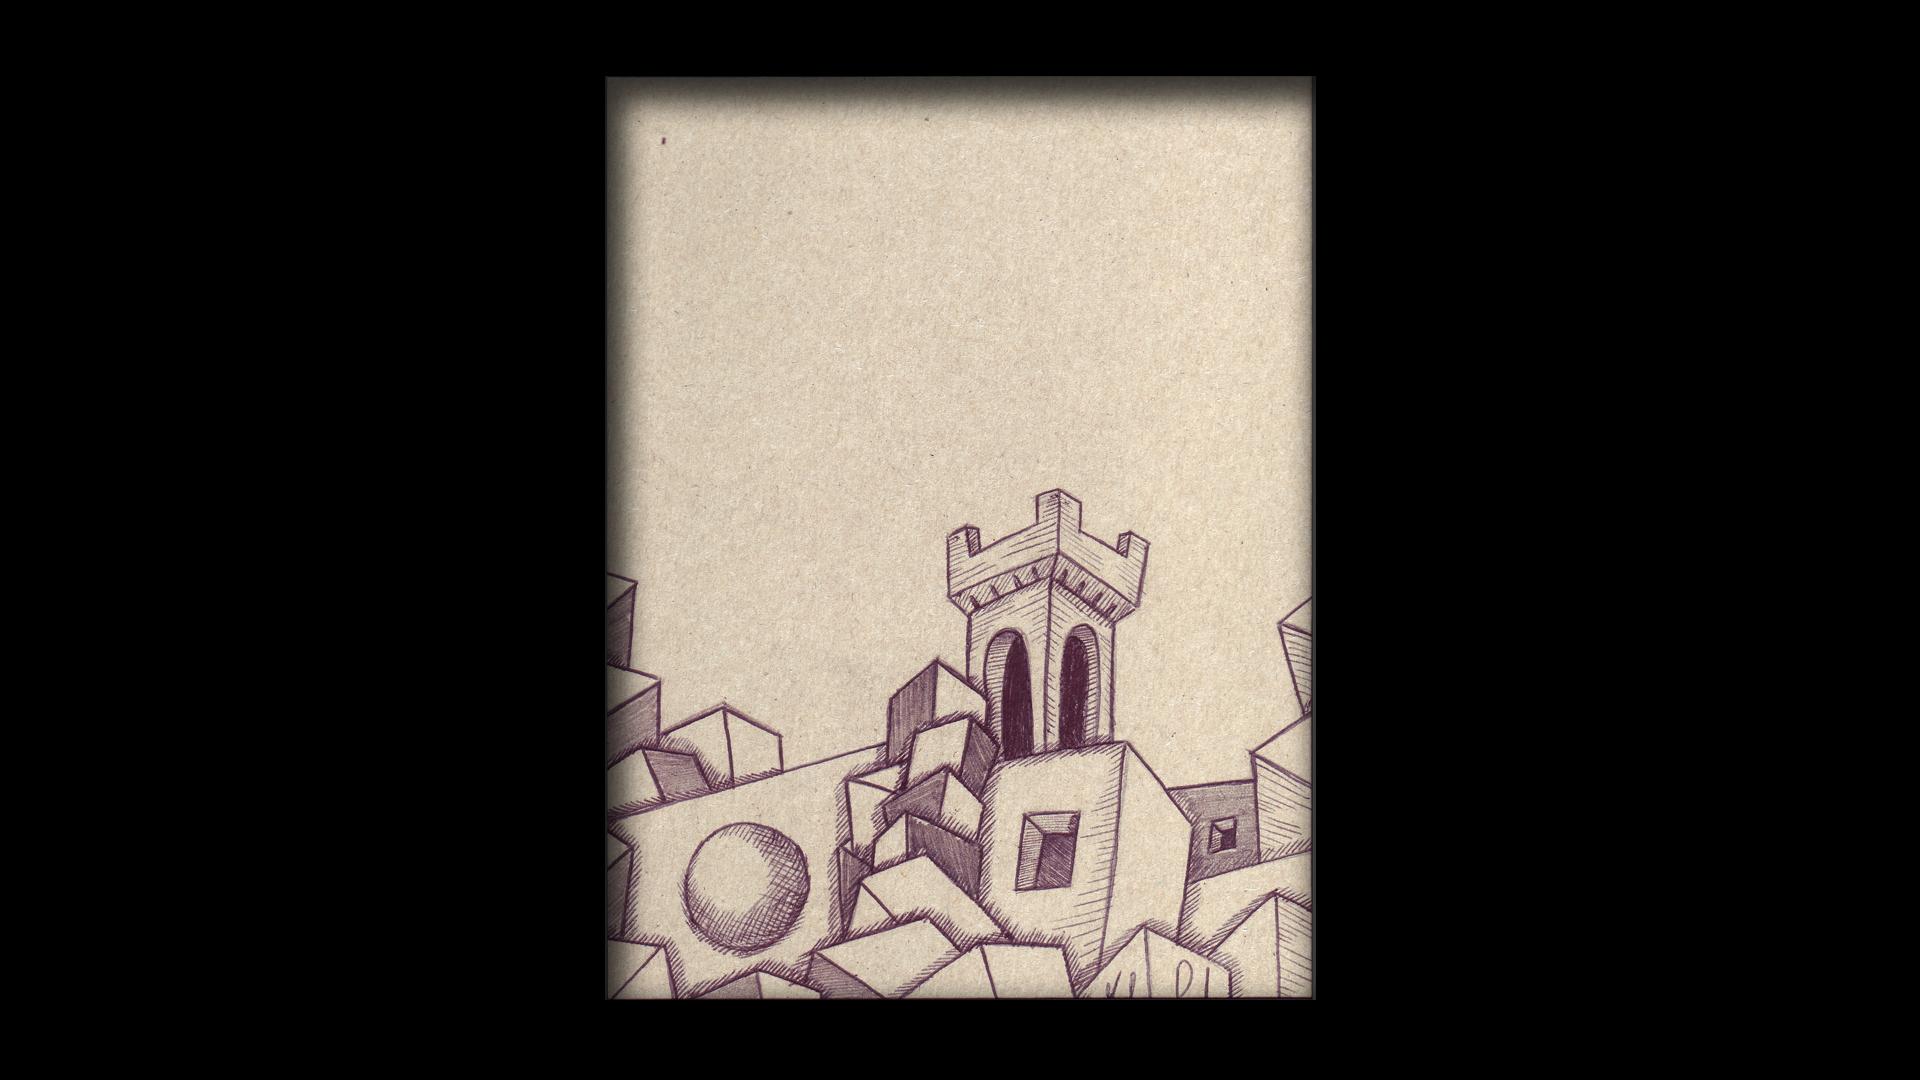 Titolo: Castello di Carini Tecnica: Penna a sfera su cartoncino Dimensioni: 14 cm x 18 cm Data: 2018 Collezione Personale